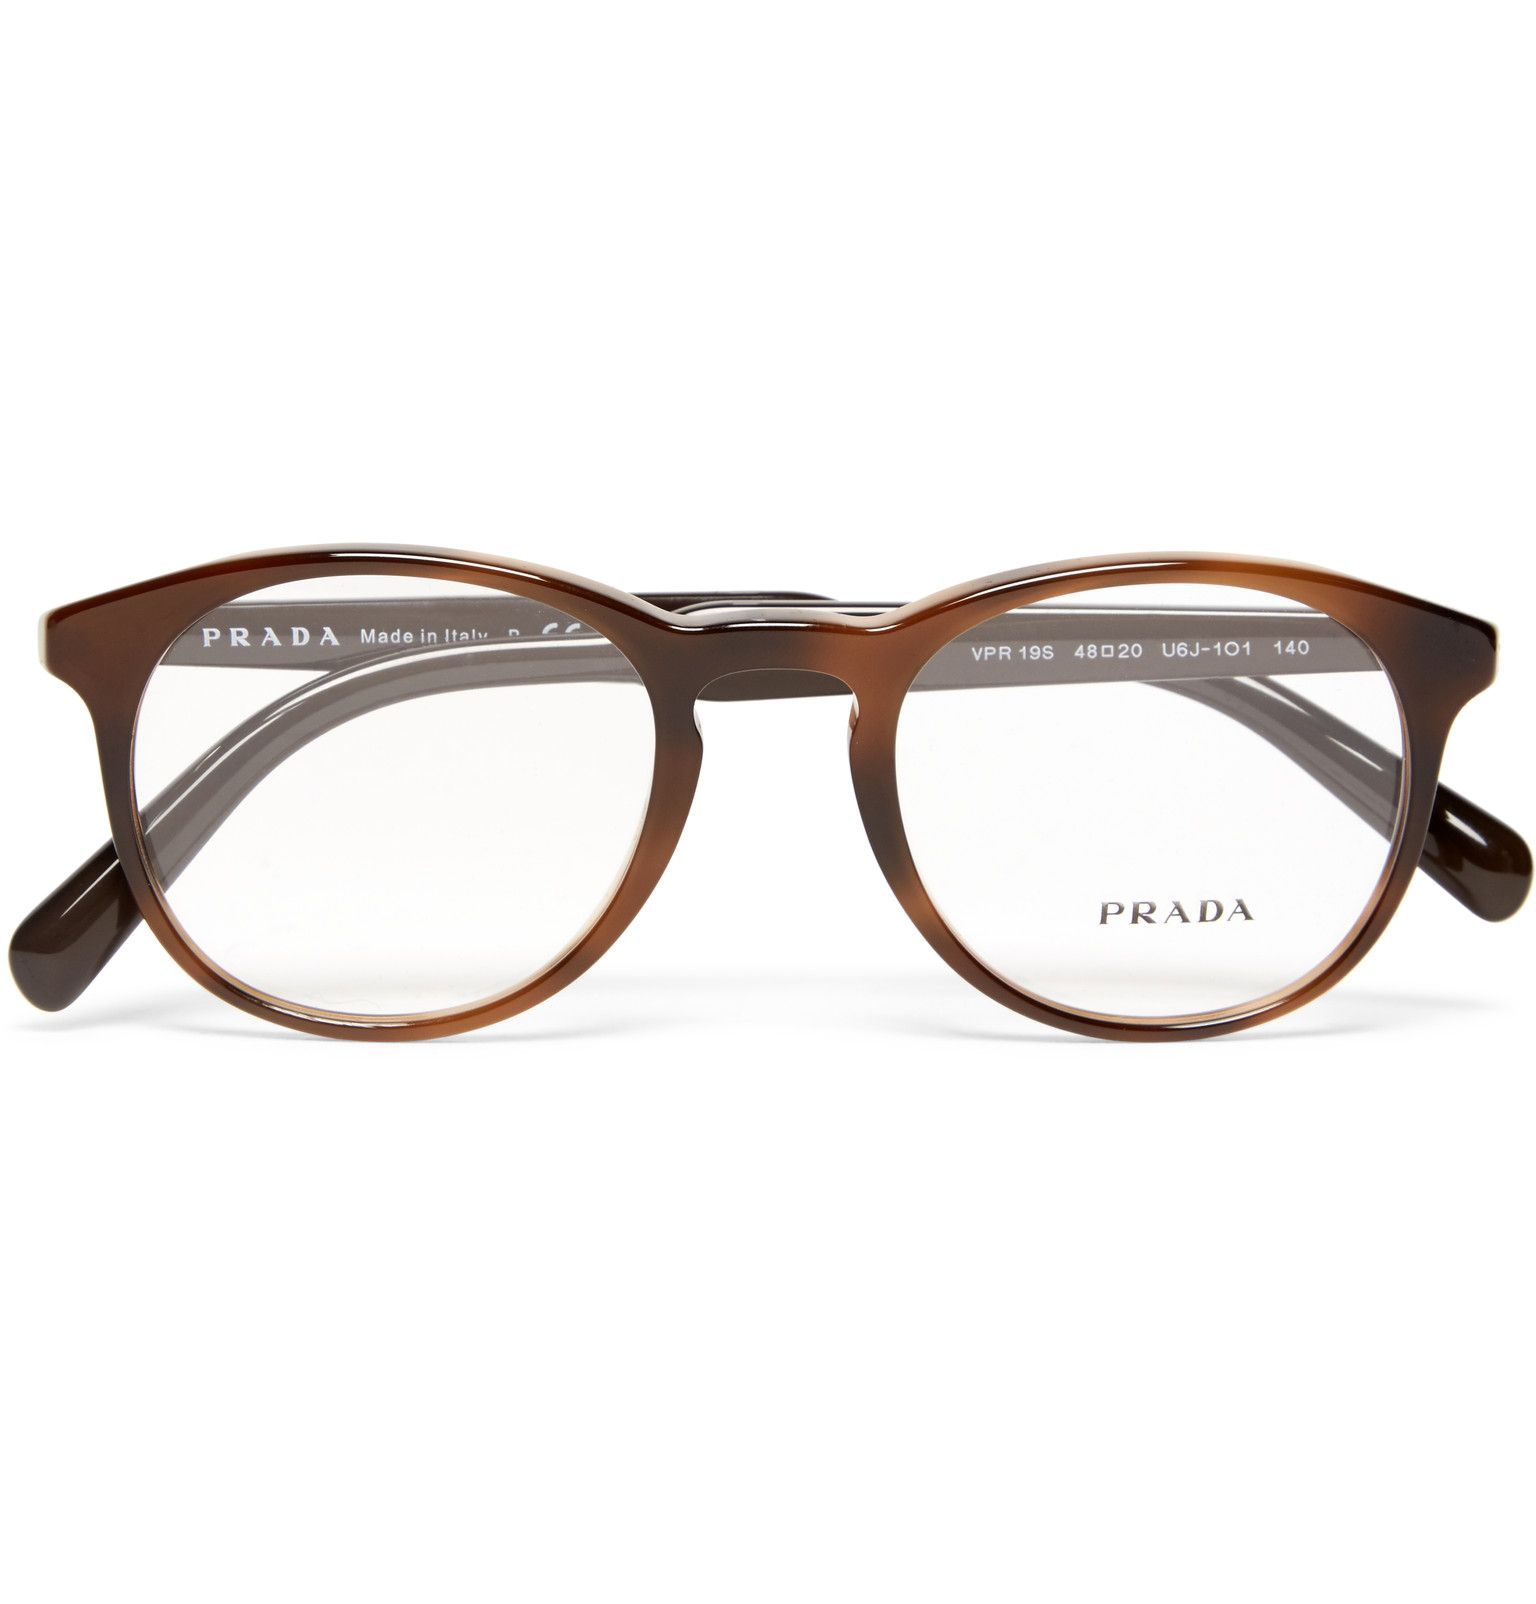 a href=\'http://www.mrporter.com/mens/Designers/Prada\'>Prada</a>\'s ...